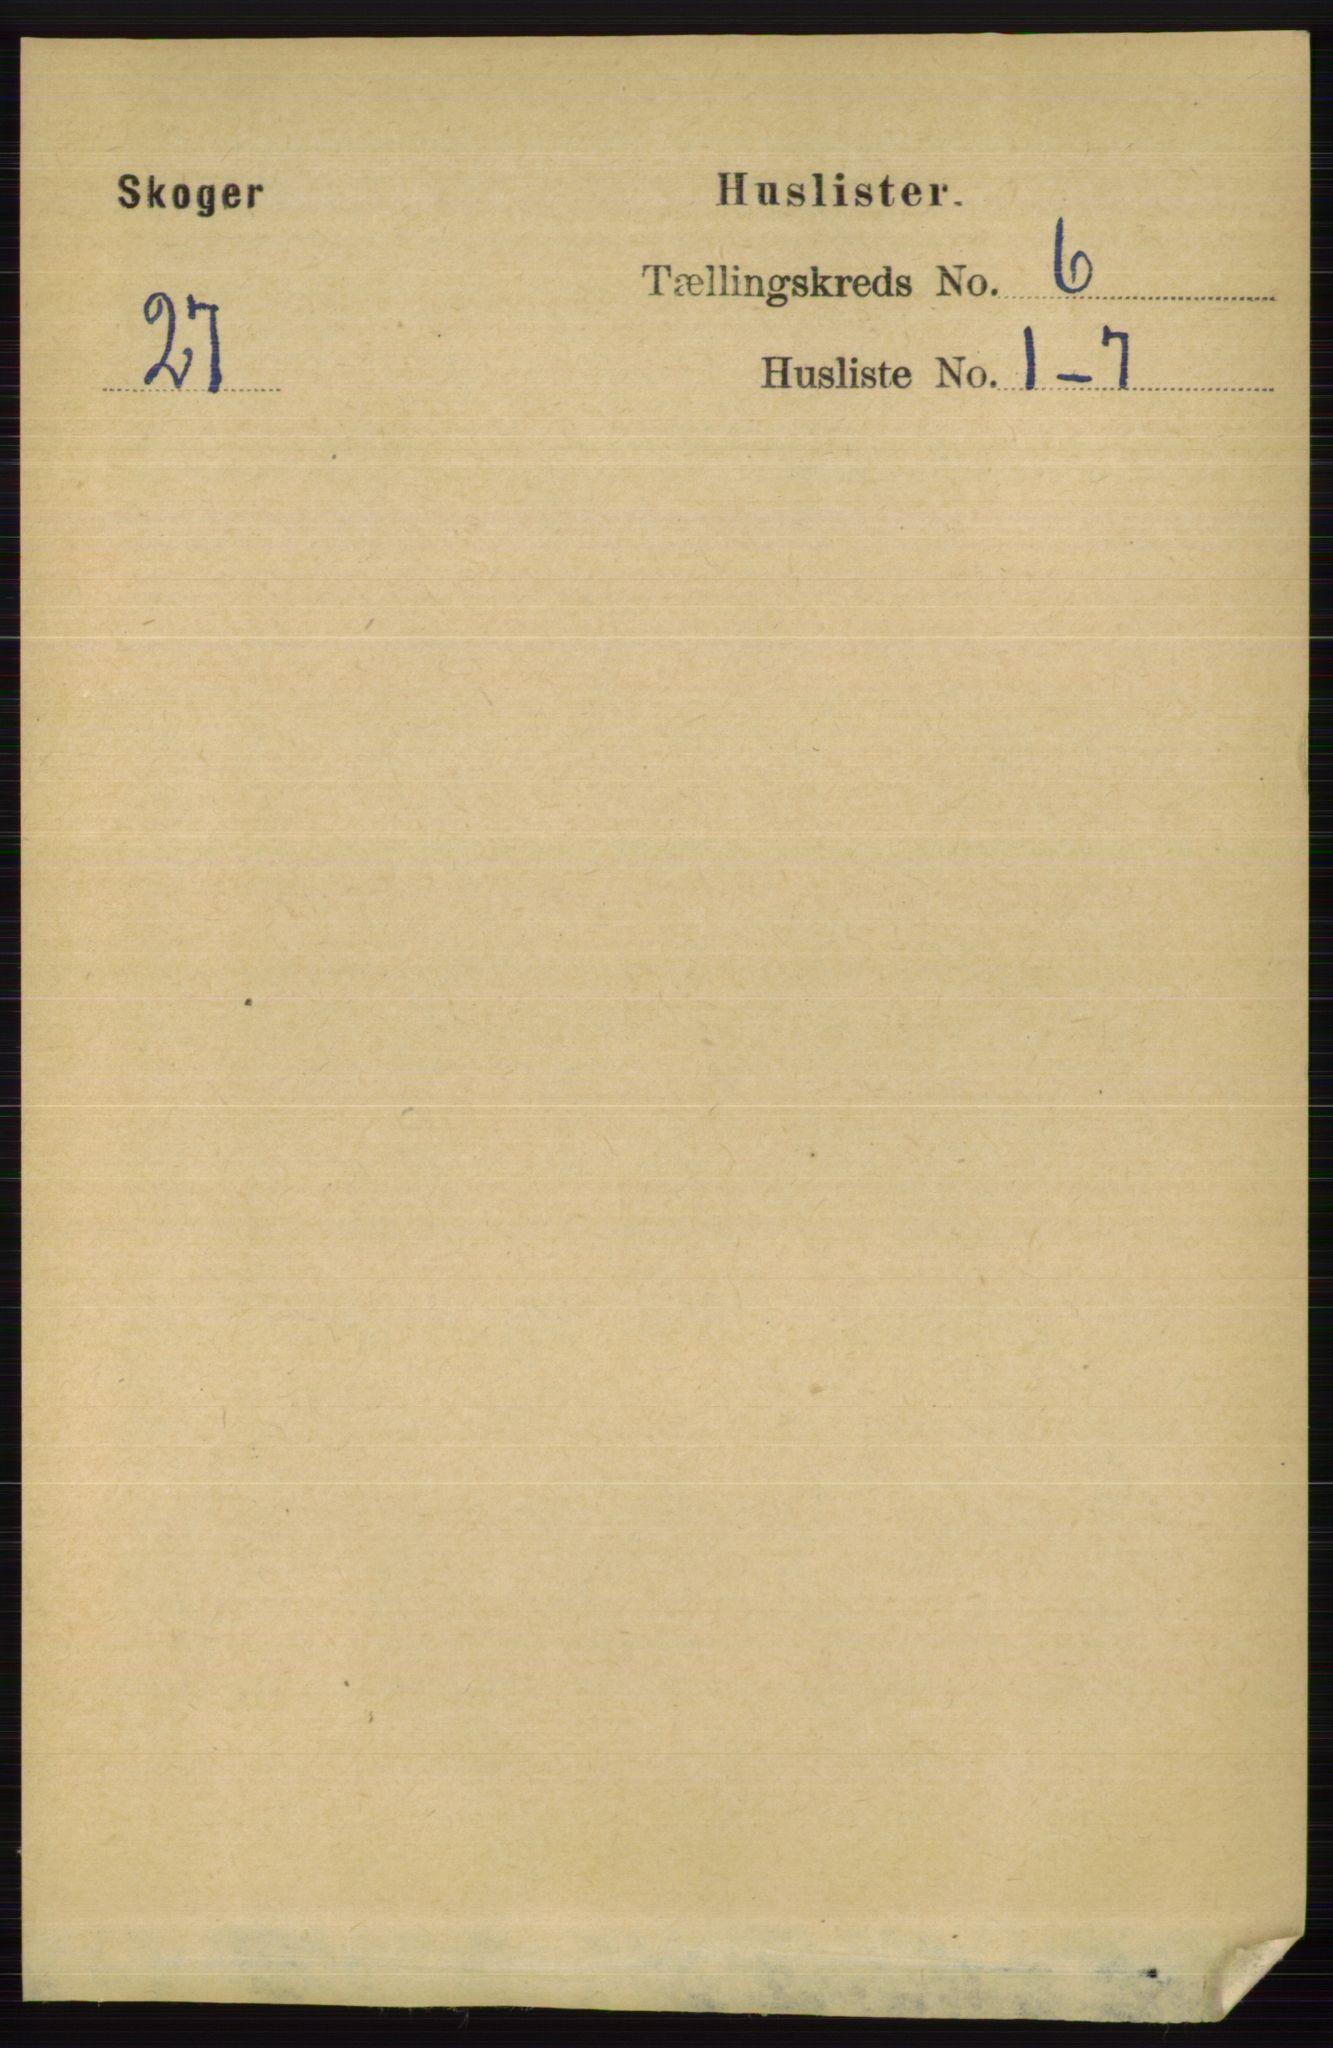 RA, Folketelling 1891 for 0712 Skoger herred, 1891, s. 3699